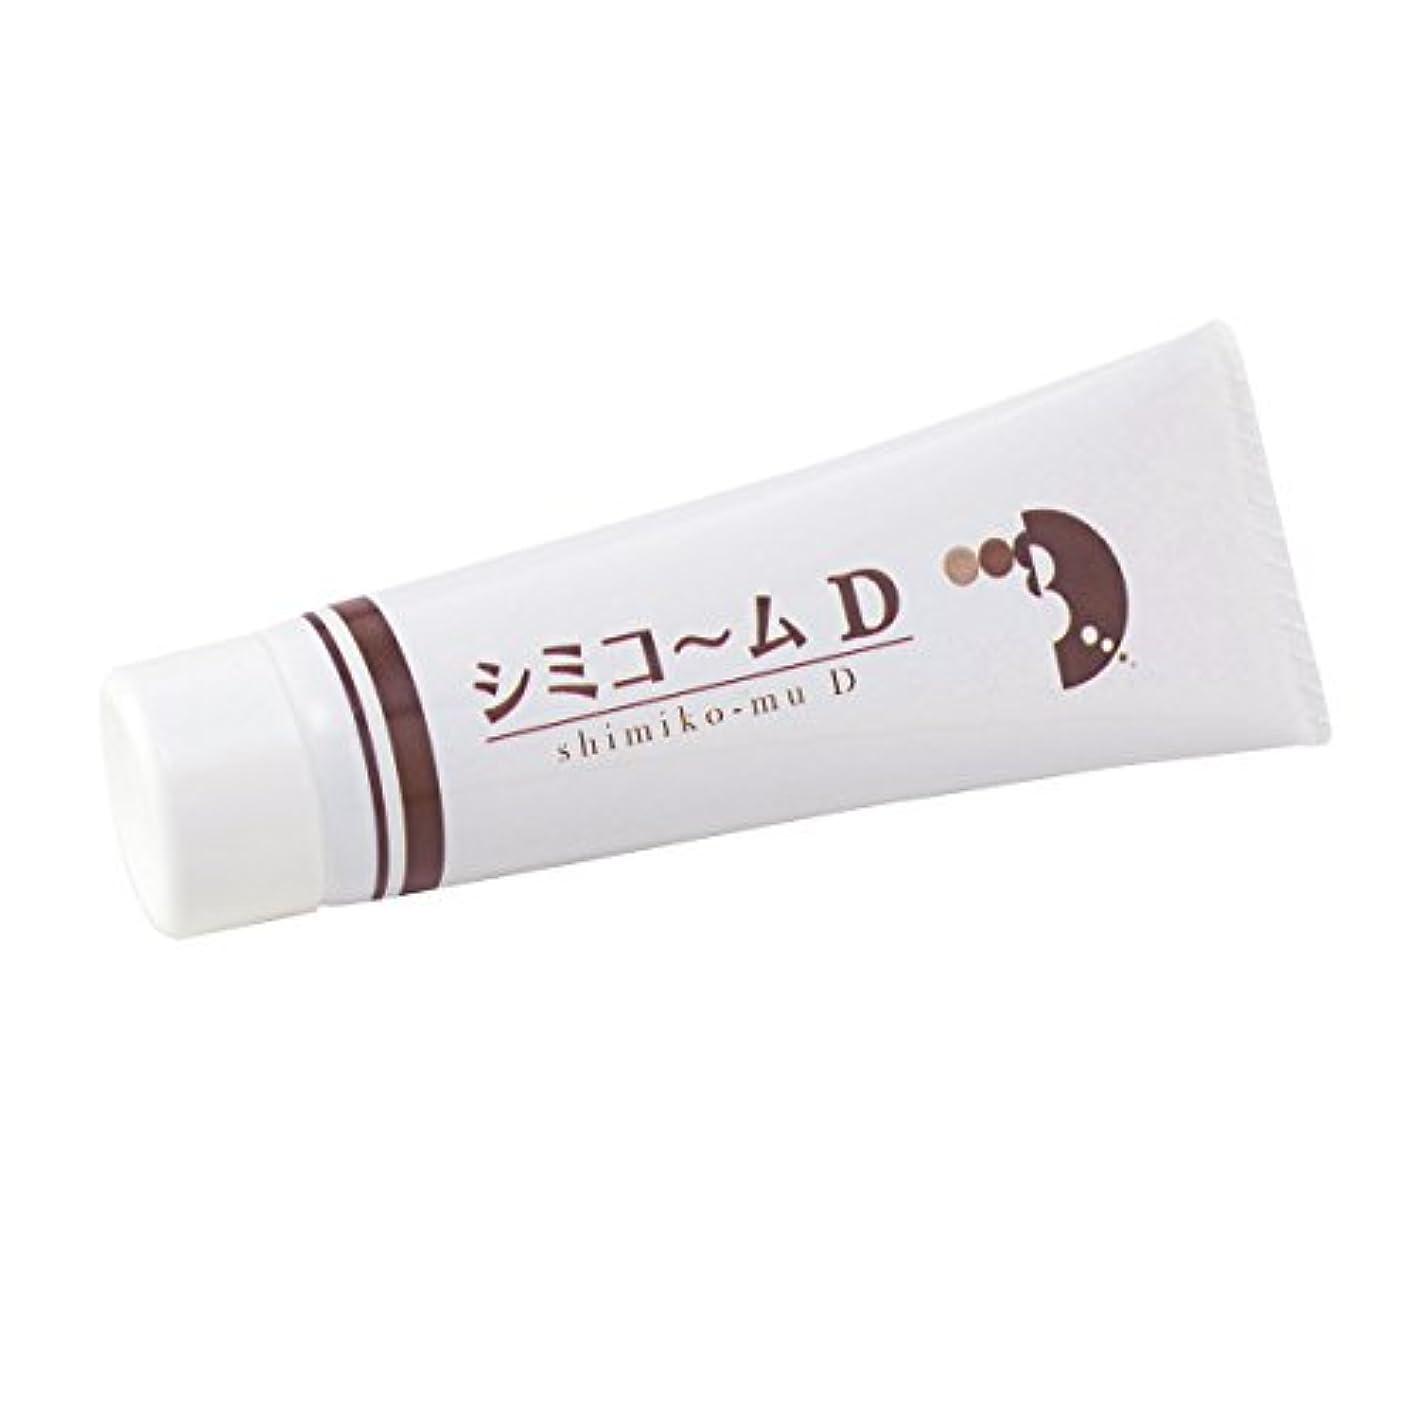 お肉繰り返した先生しみ取り 化粧品 ハイドロキノン シミコ~ム D